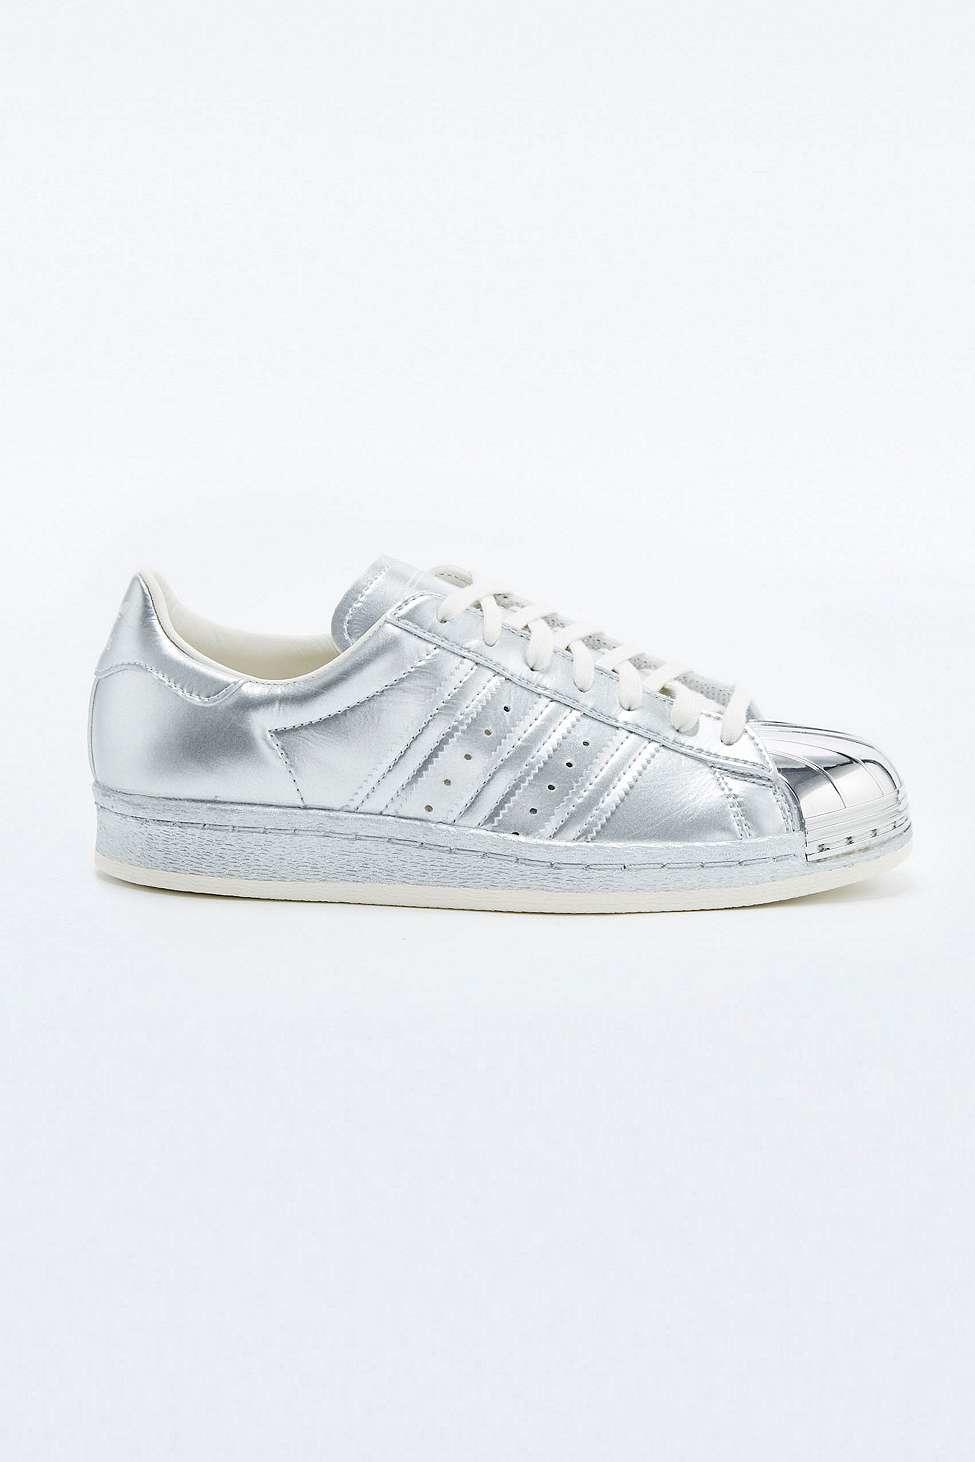 Adidas superstar degli anni '80 gli originali argento metallico formatori in metallo